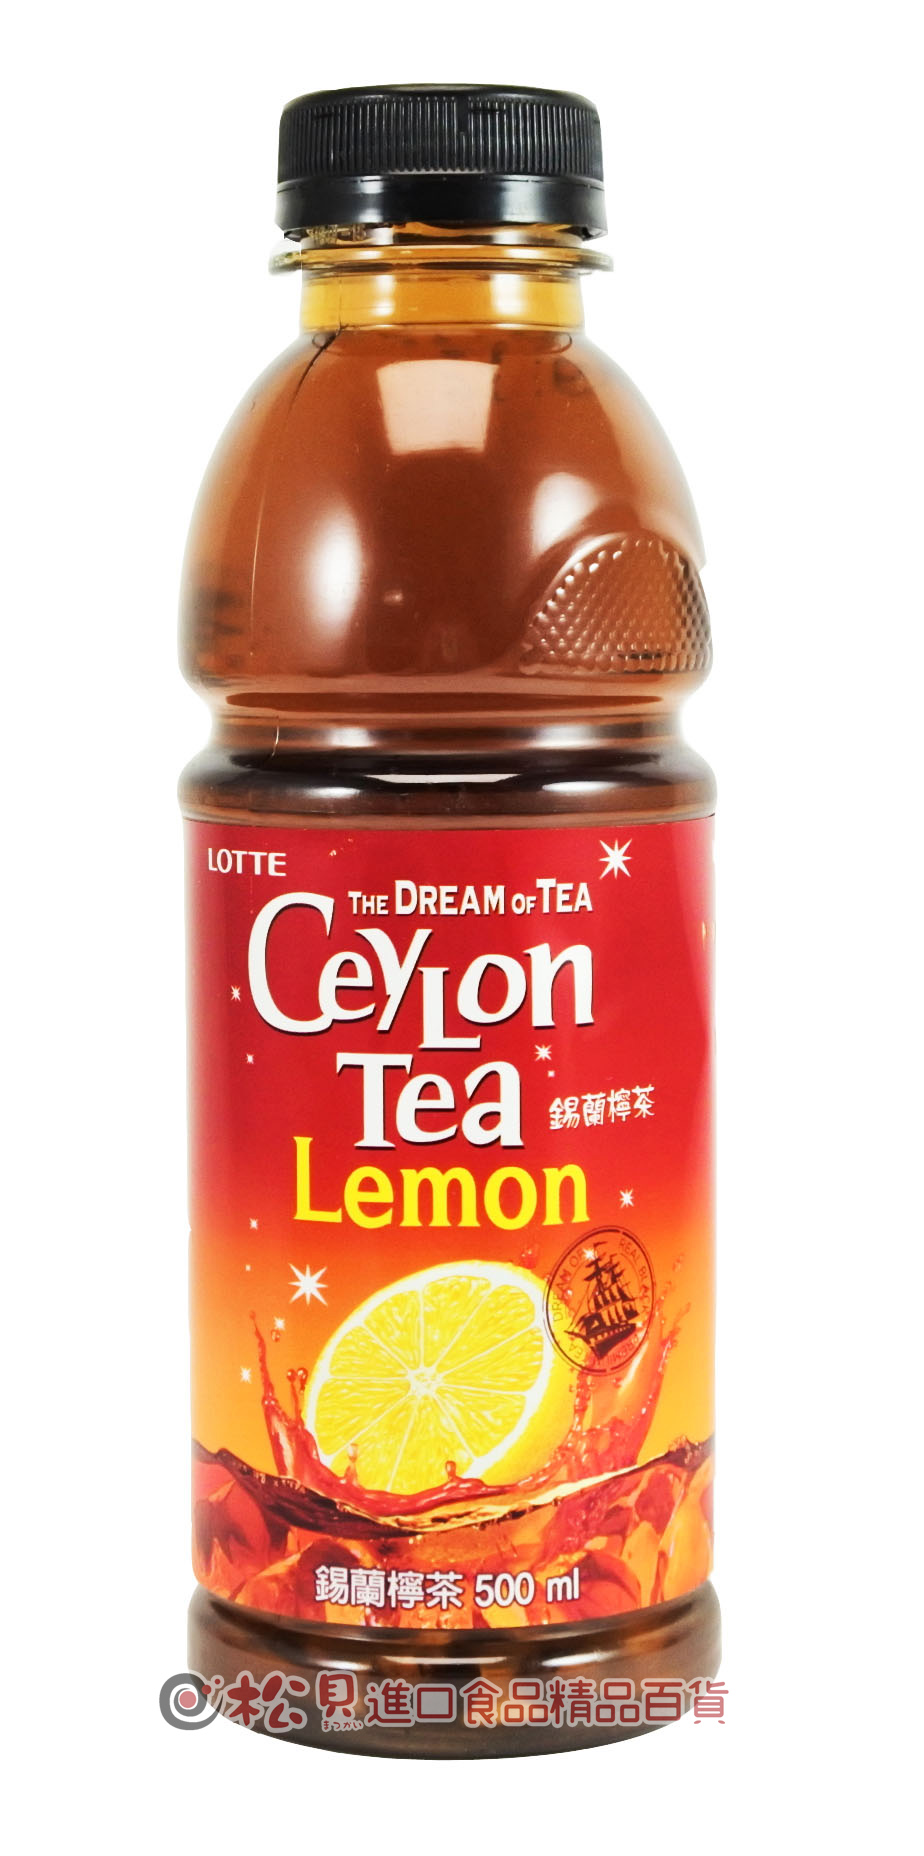 樂天錫蘭檸檬紅茶500ml【8801056047566】